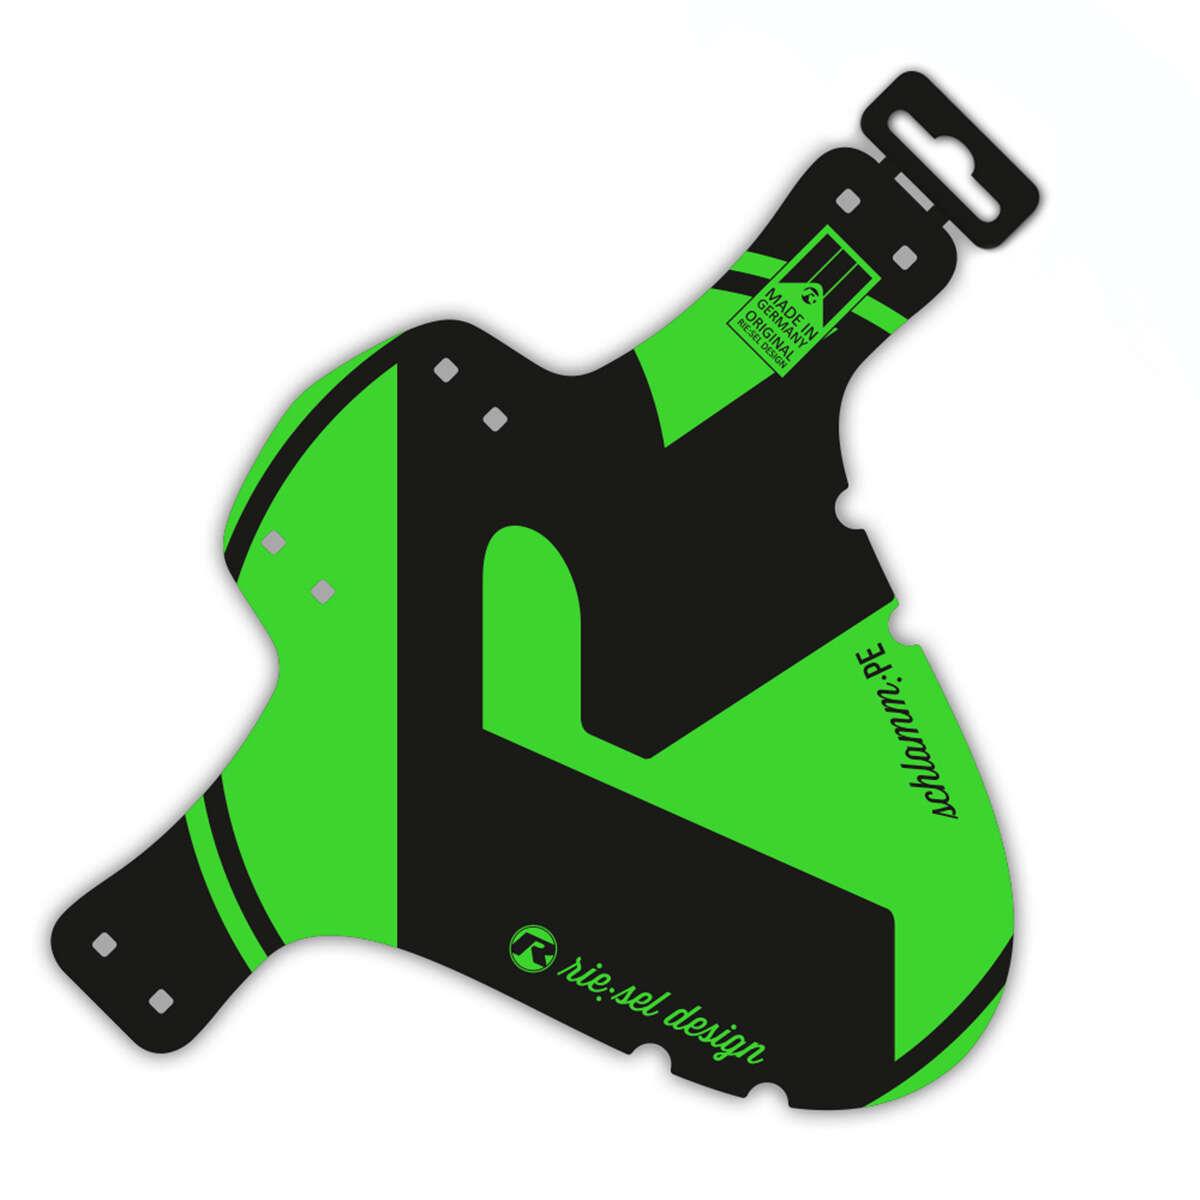 Riesel Design Schutzblech vorn SchlammPE Grün, 1 Stück